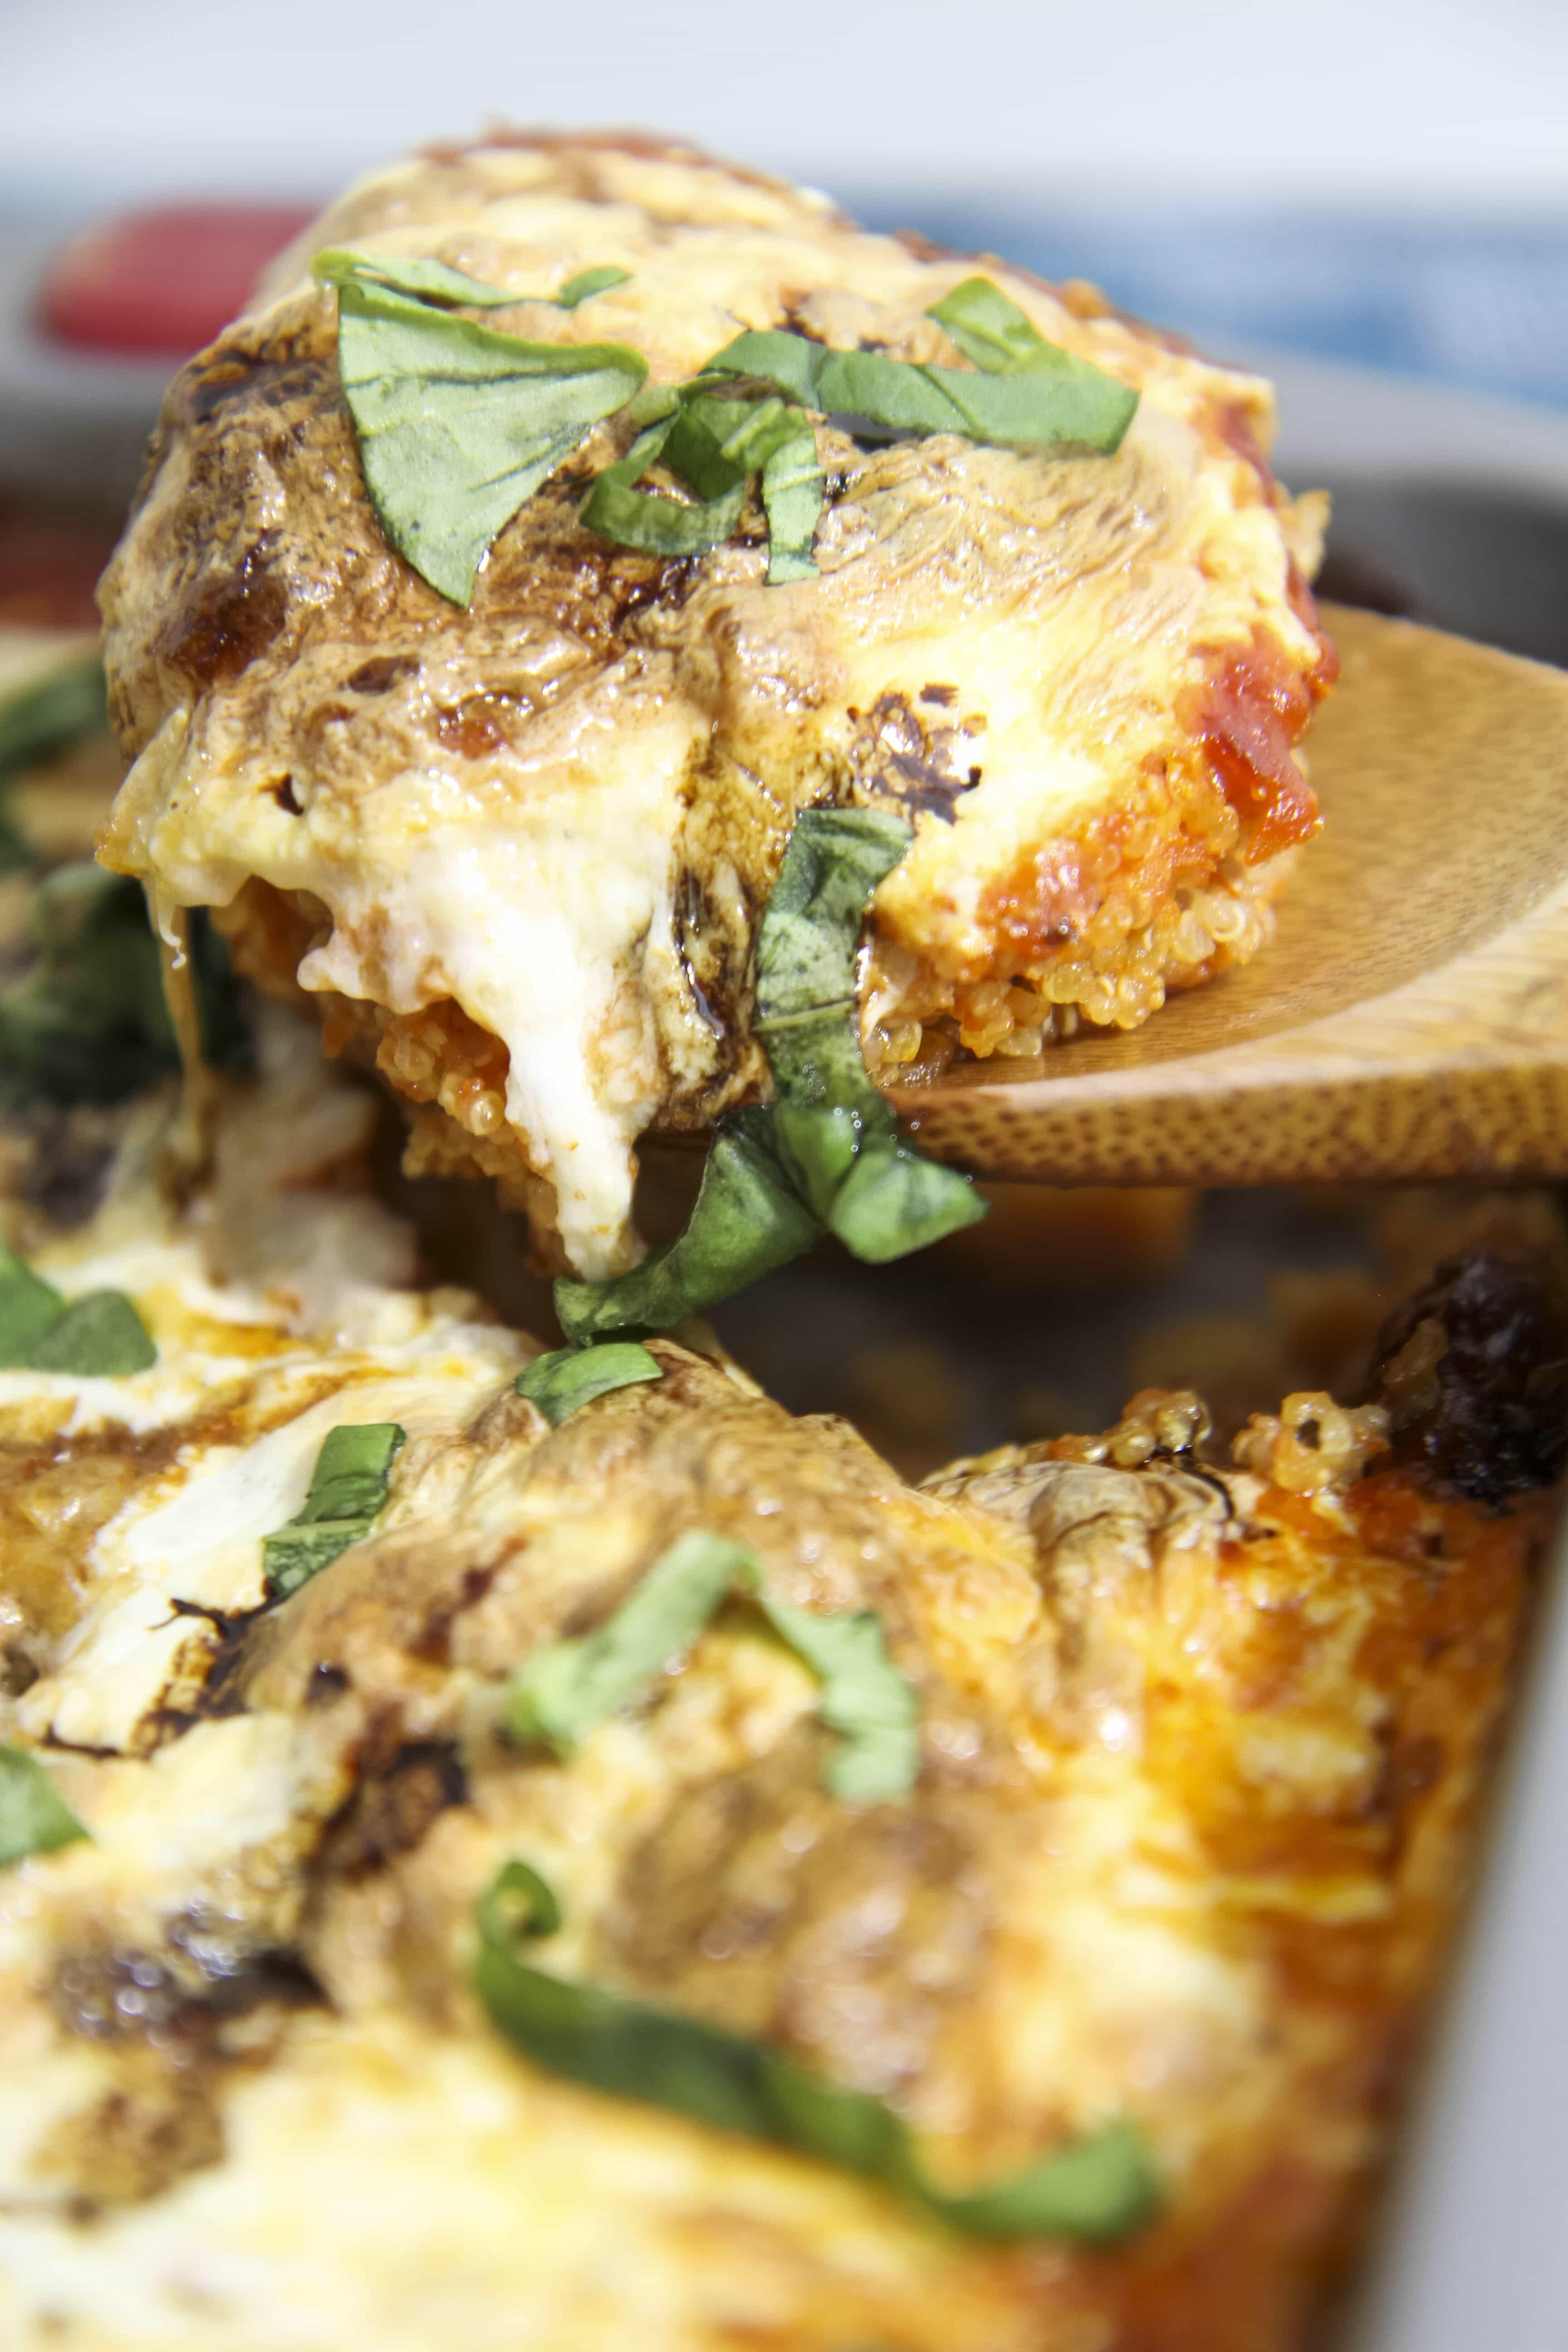 caprese-quinoa-and-meatball-casserole-recipe-6